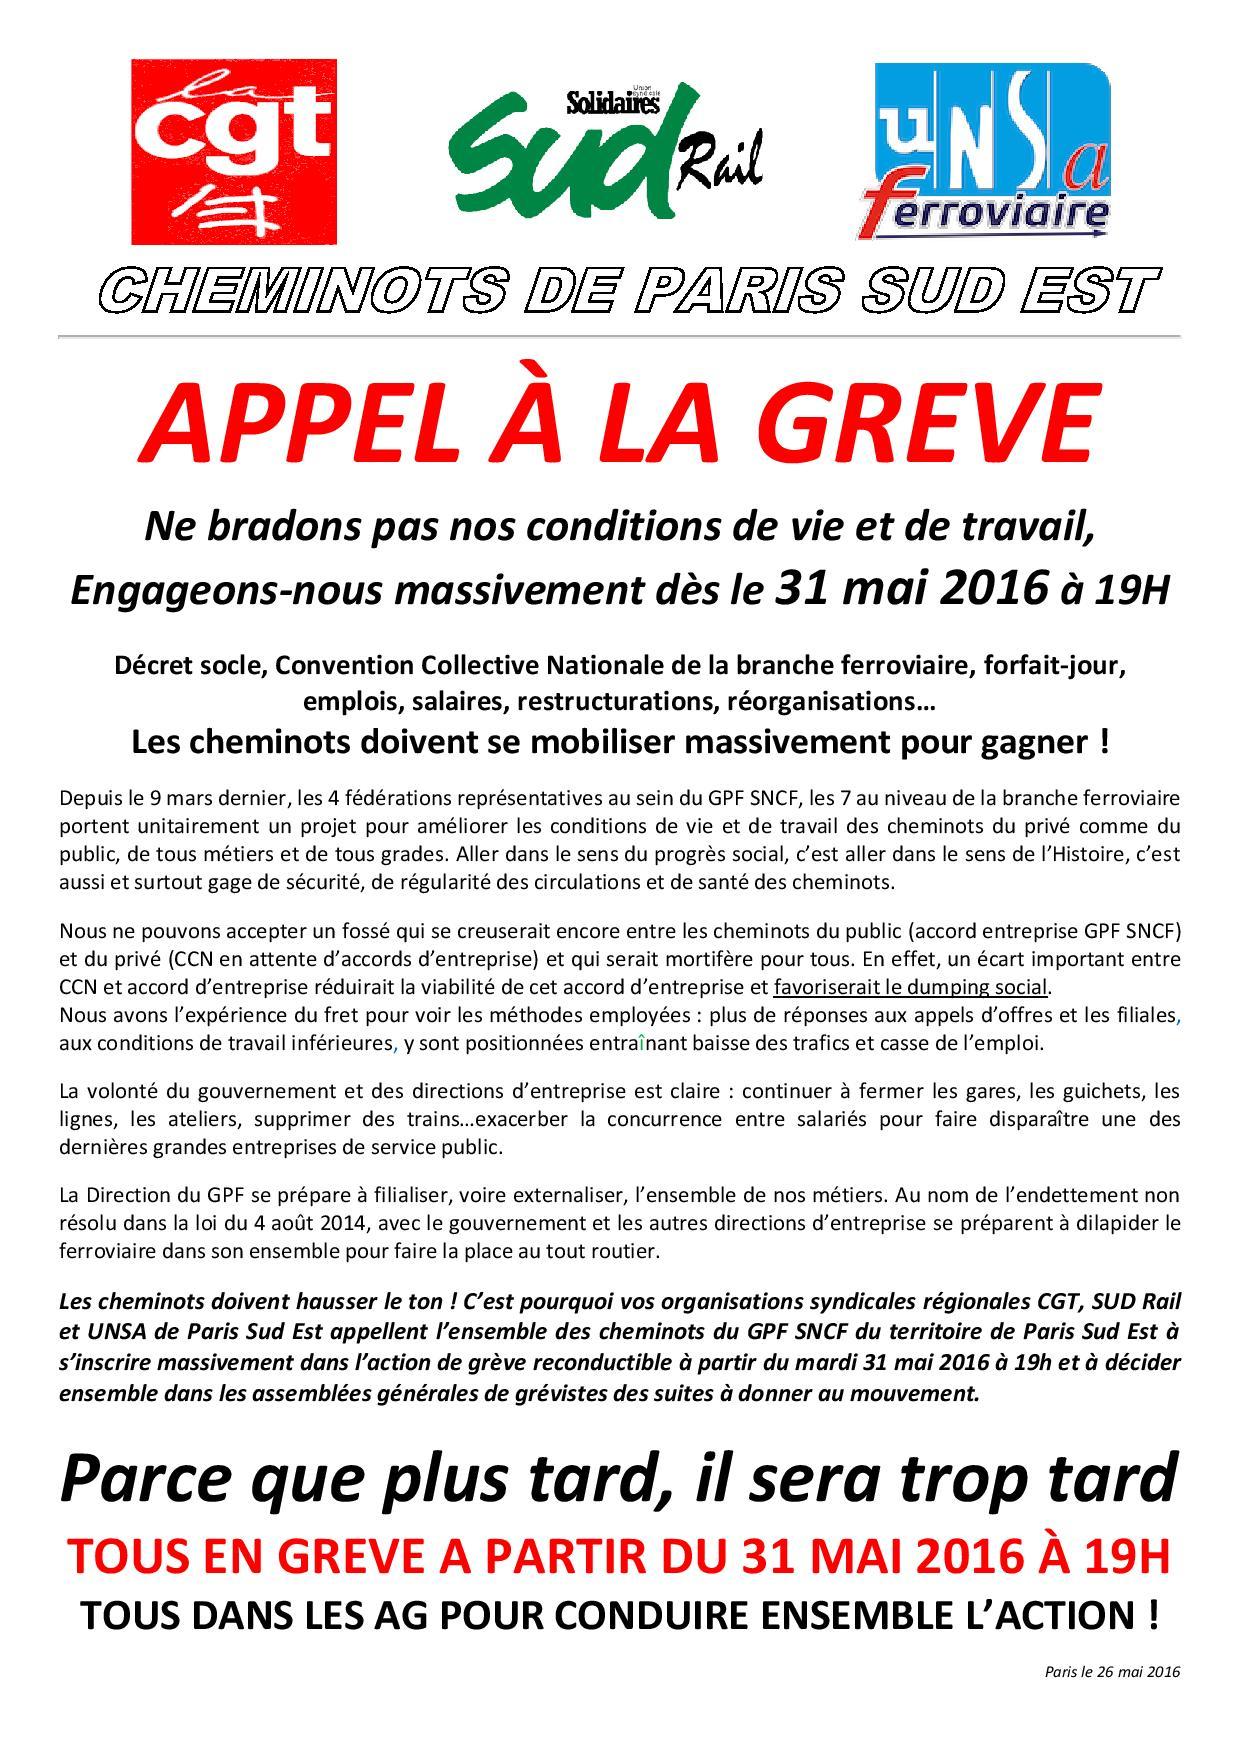 appel greve unitaire 31-05-2016